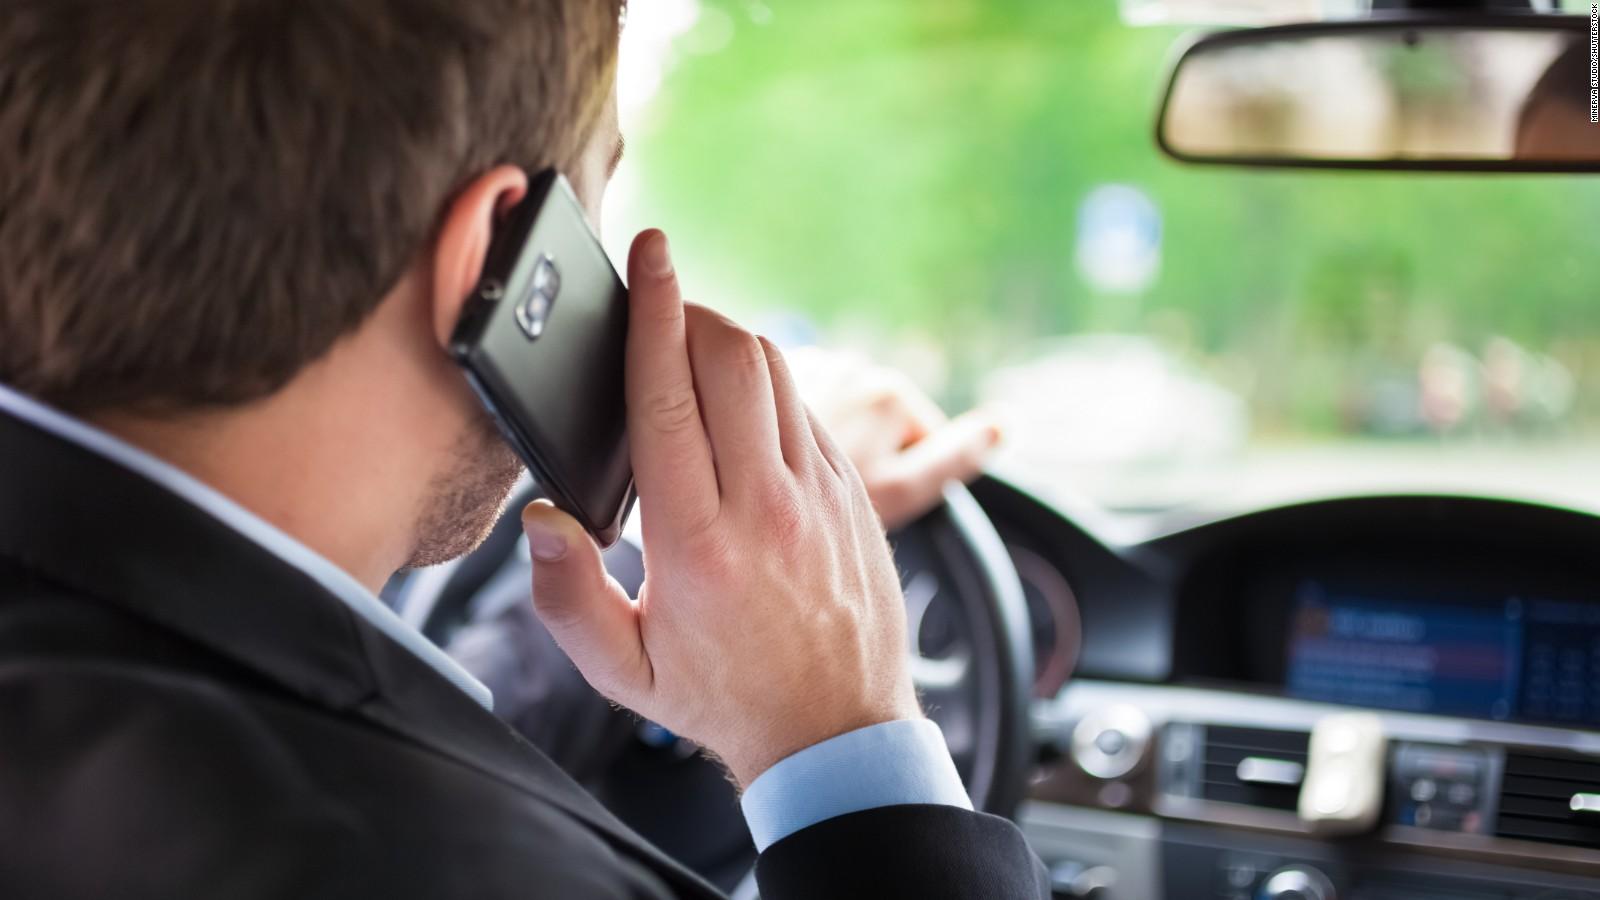 Analizan tecnología para detectar quién usa su teléfono mientras conduce